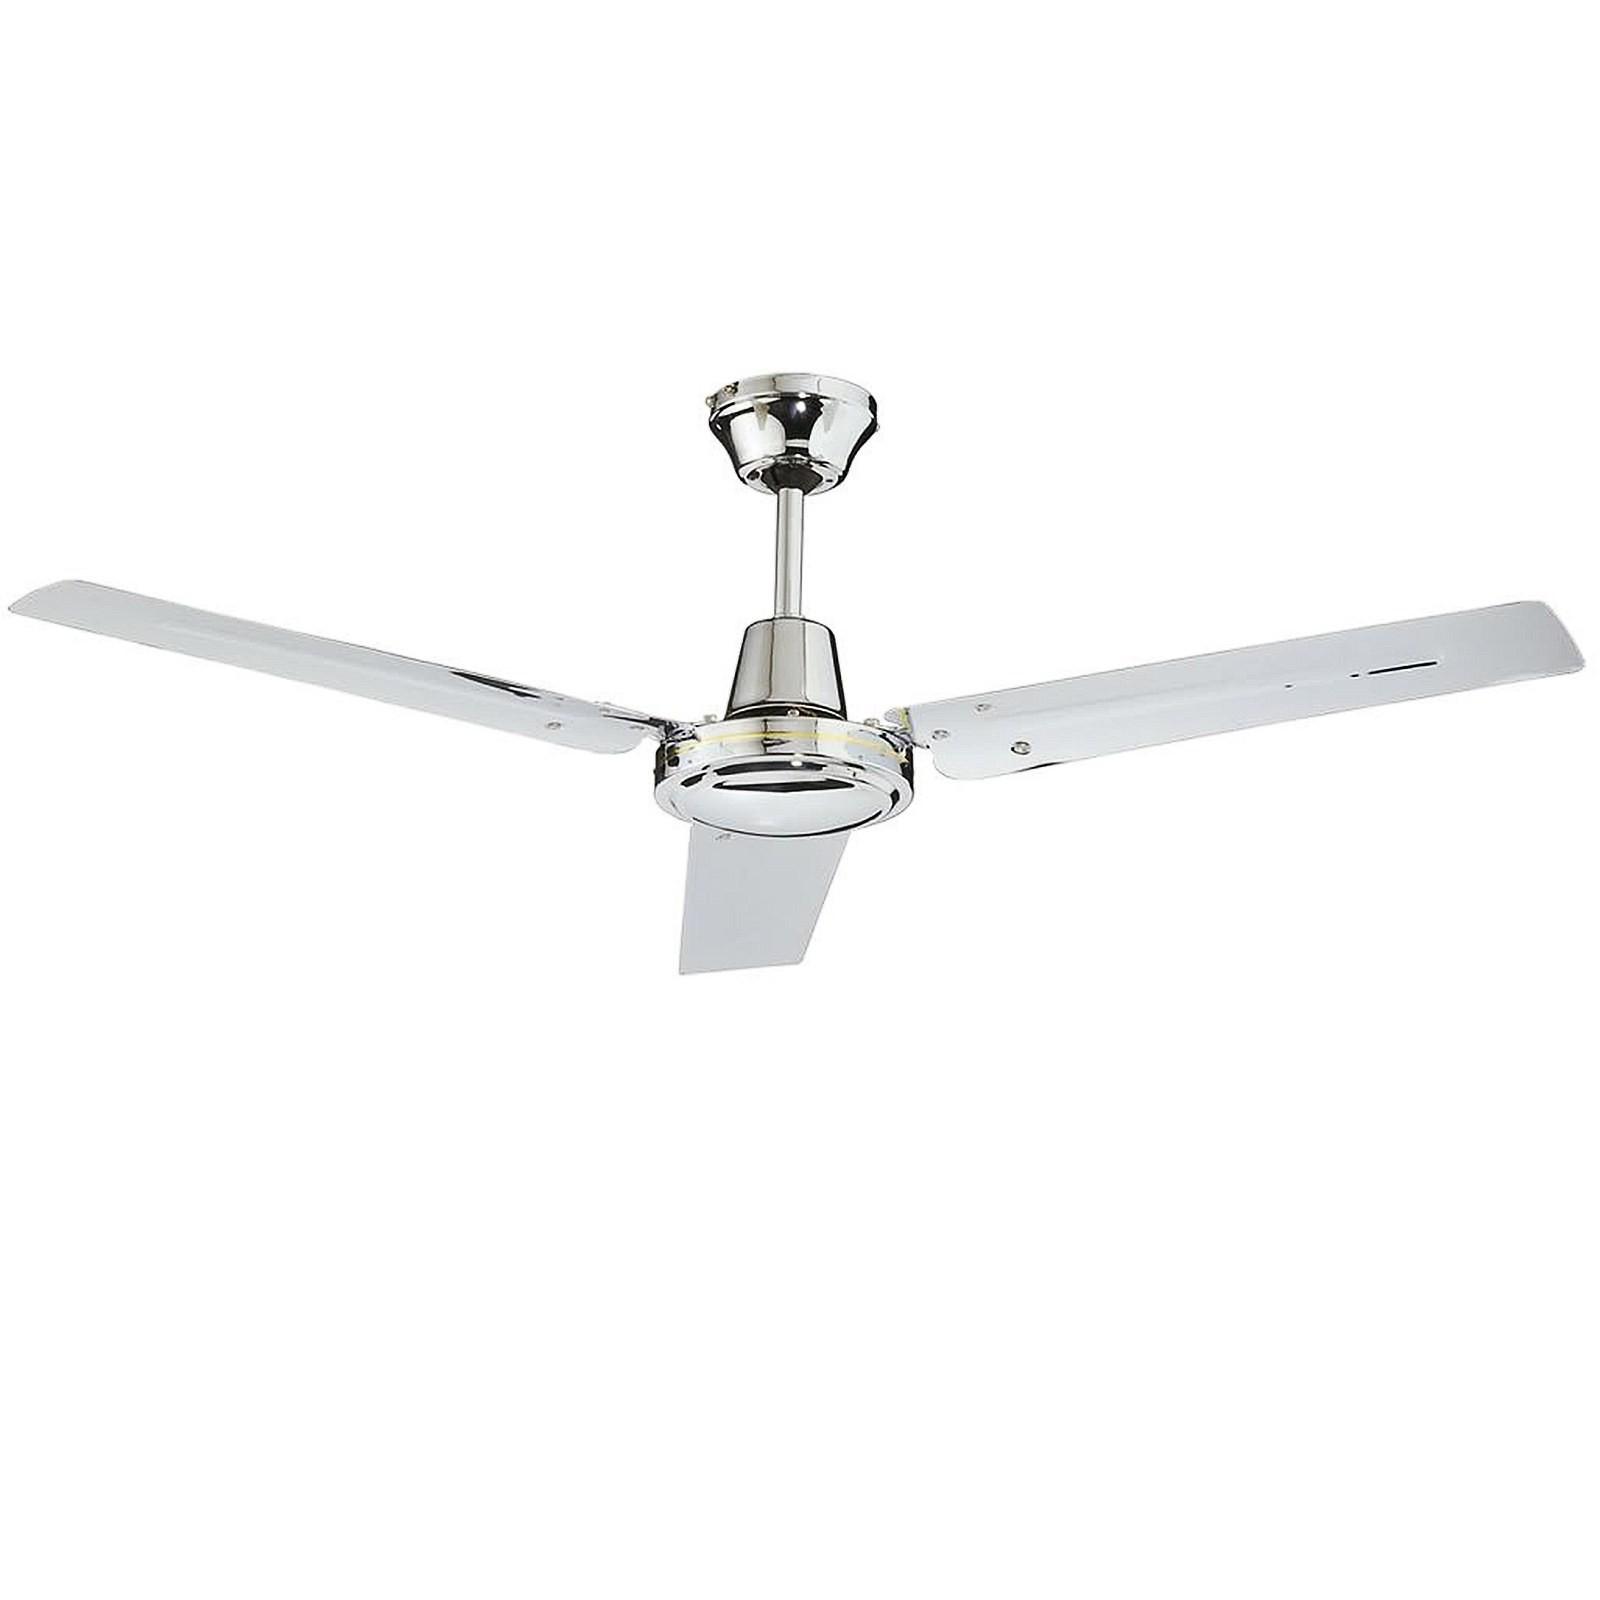 Ventilatore da parete soffitto telecomando luce lampada - Ventilatore da soffitto design ...